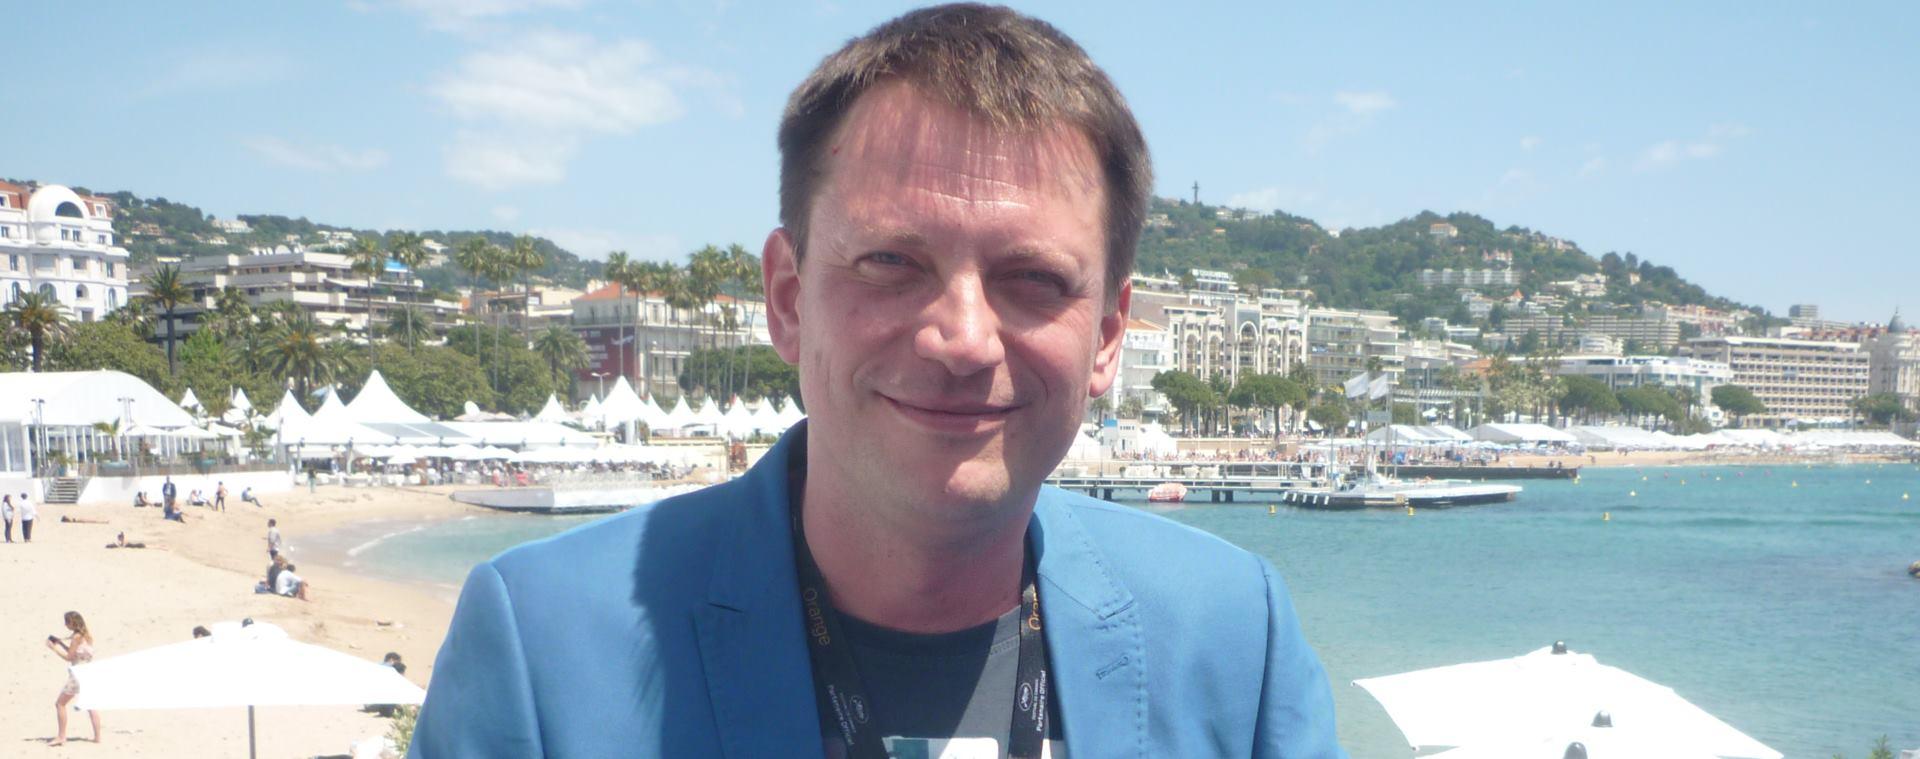 VELIKI USPJEH DALIBORA MATANIĆA Nagrada u Cannesu je početak puta prema Oscaru